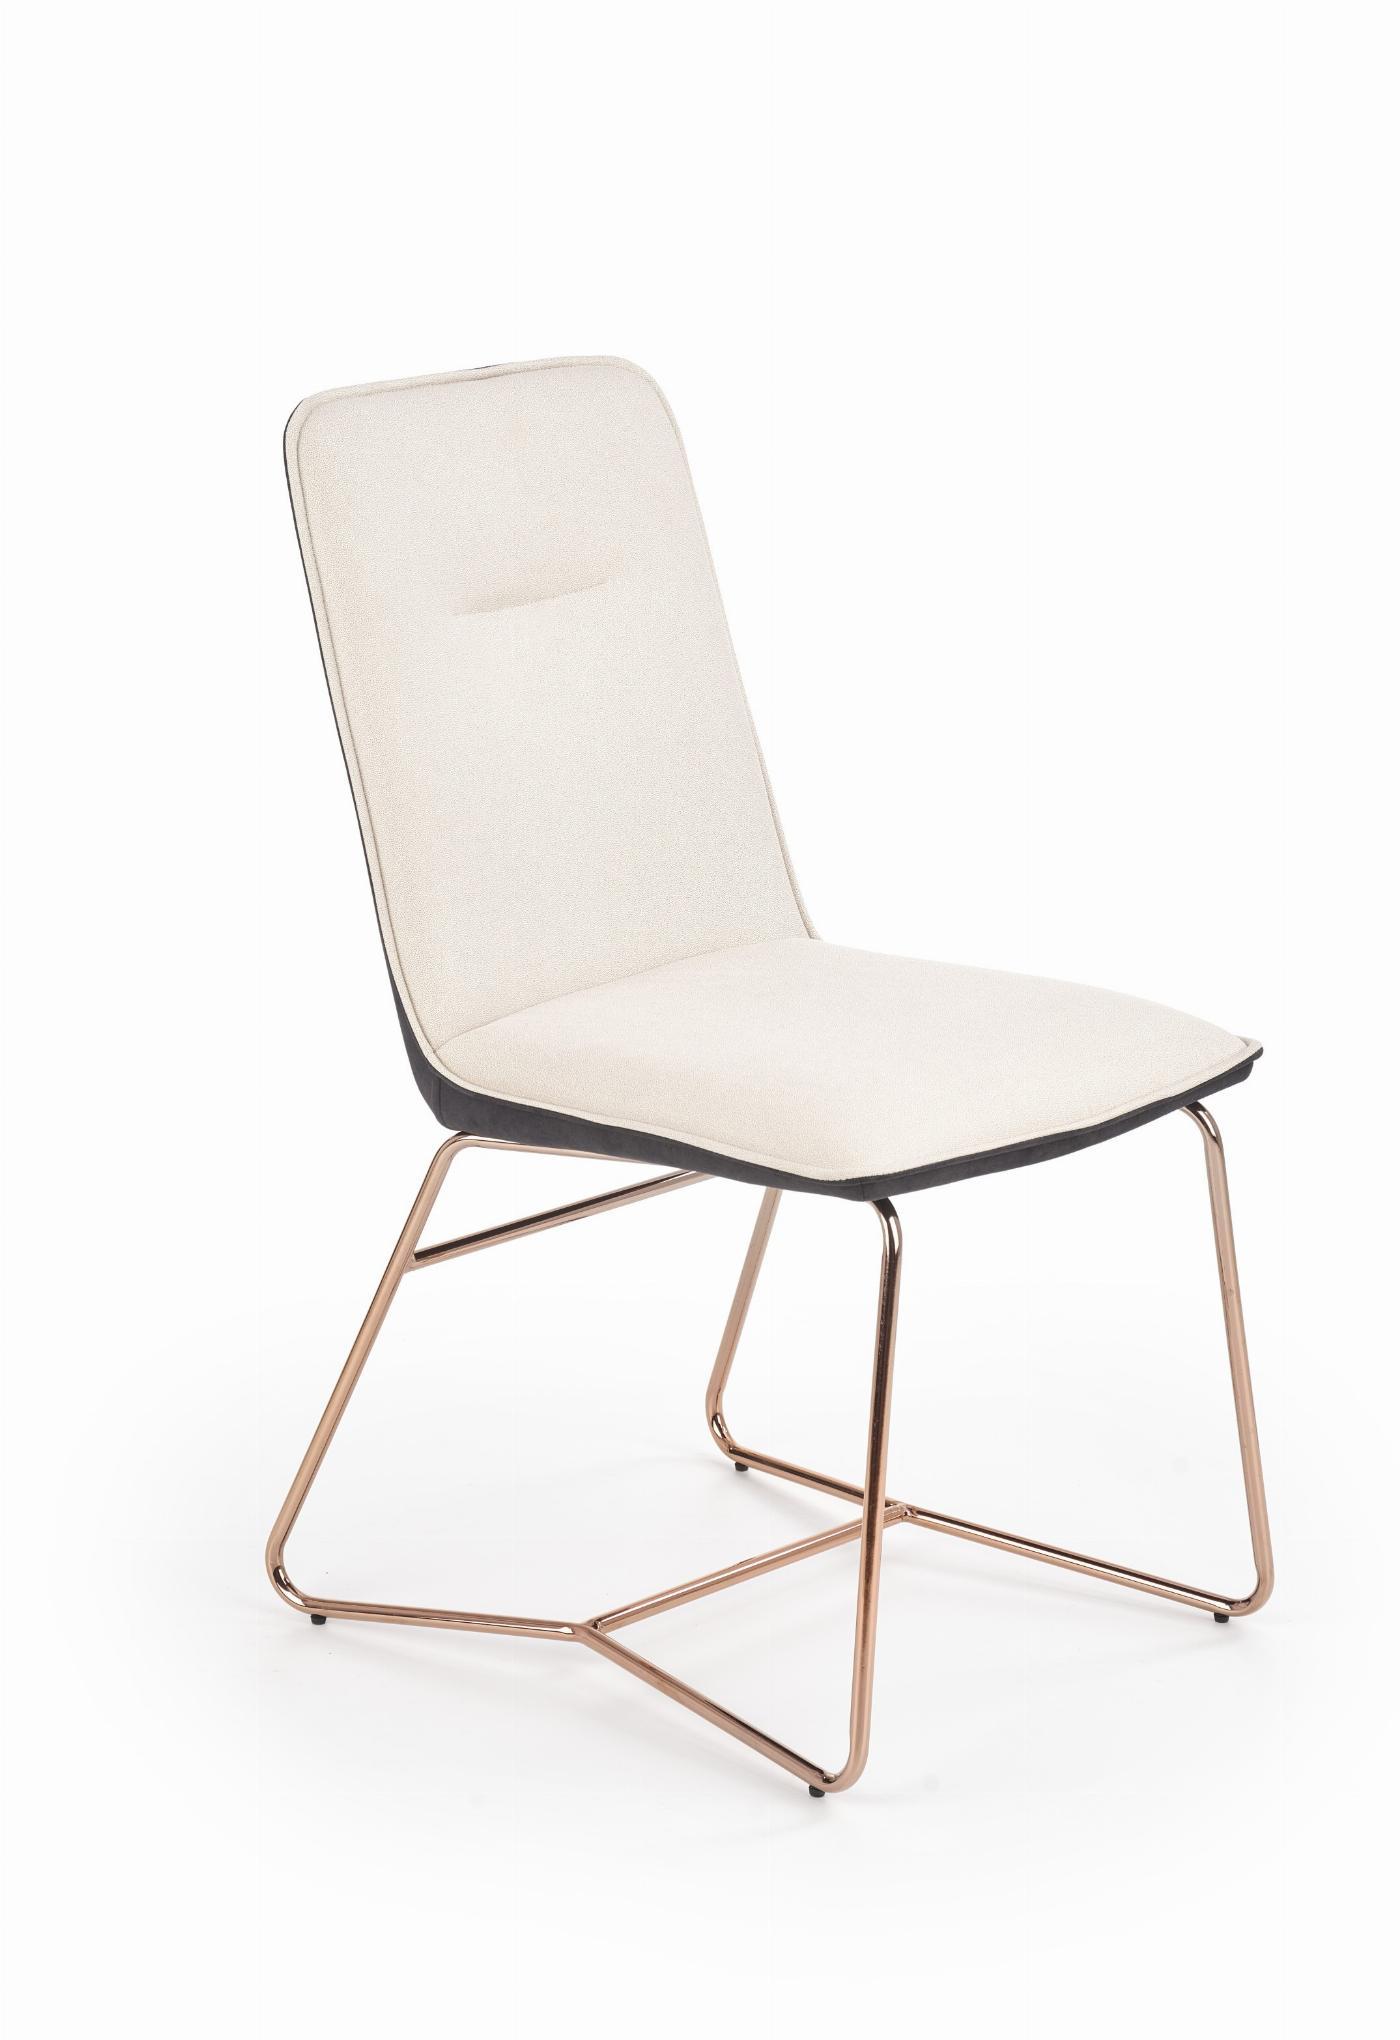 K390 krzesło kremowy / ciemny popiel / złoty